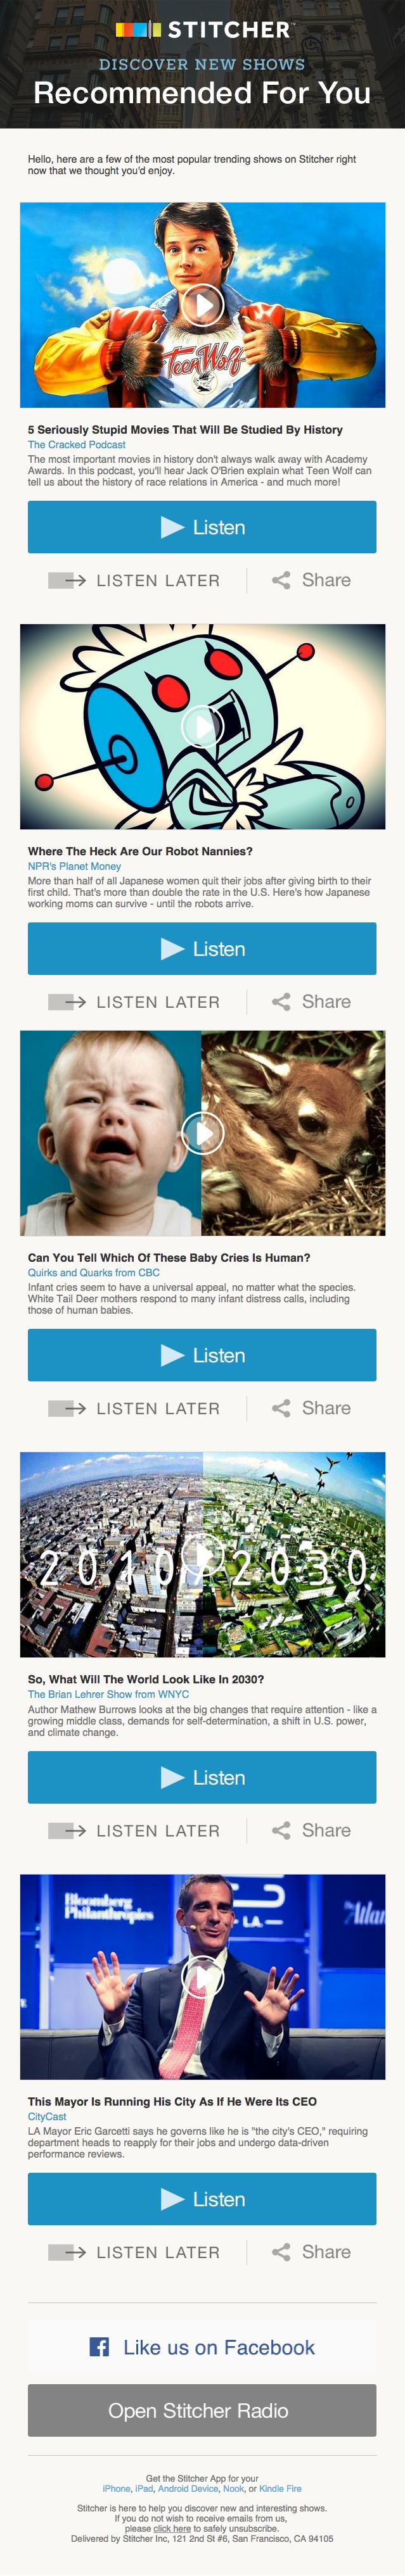 """Ejemplo de campaña de marketing por correo electrónico de Stitcher que muestra contenido """"Recomendado para usted"""""""